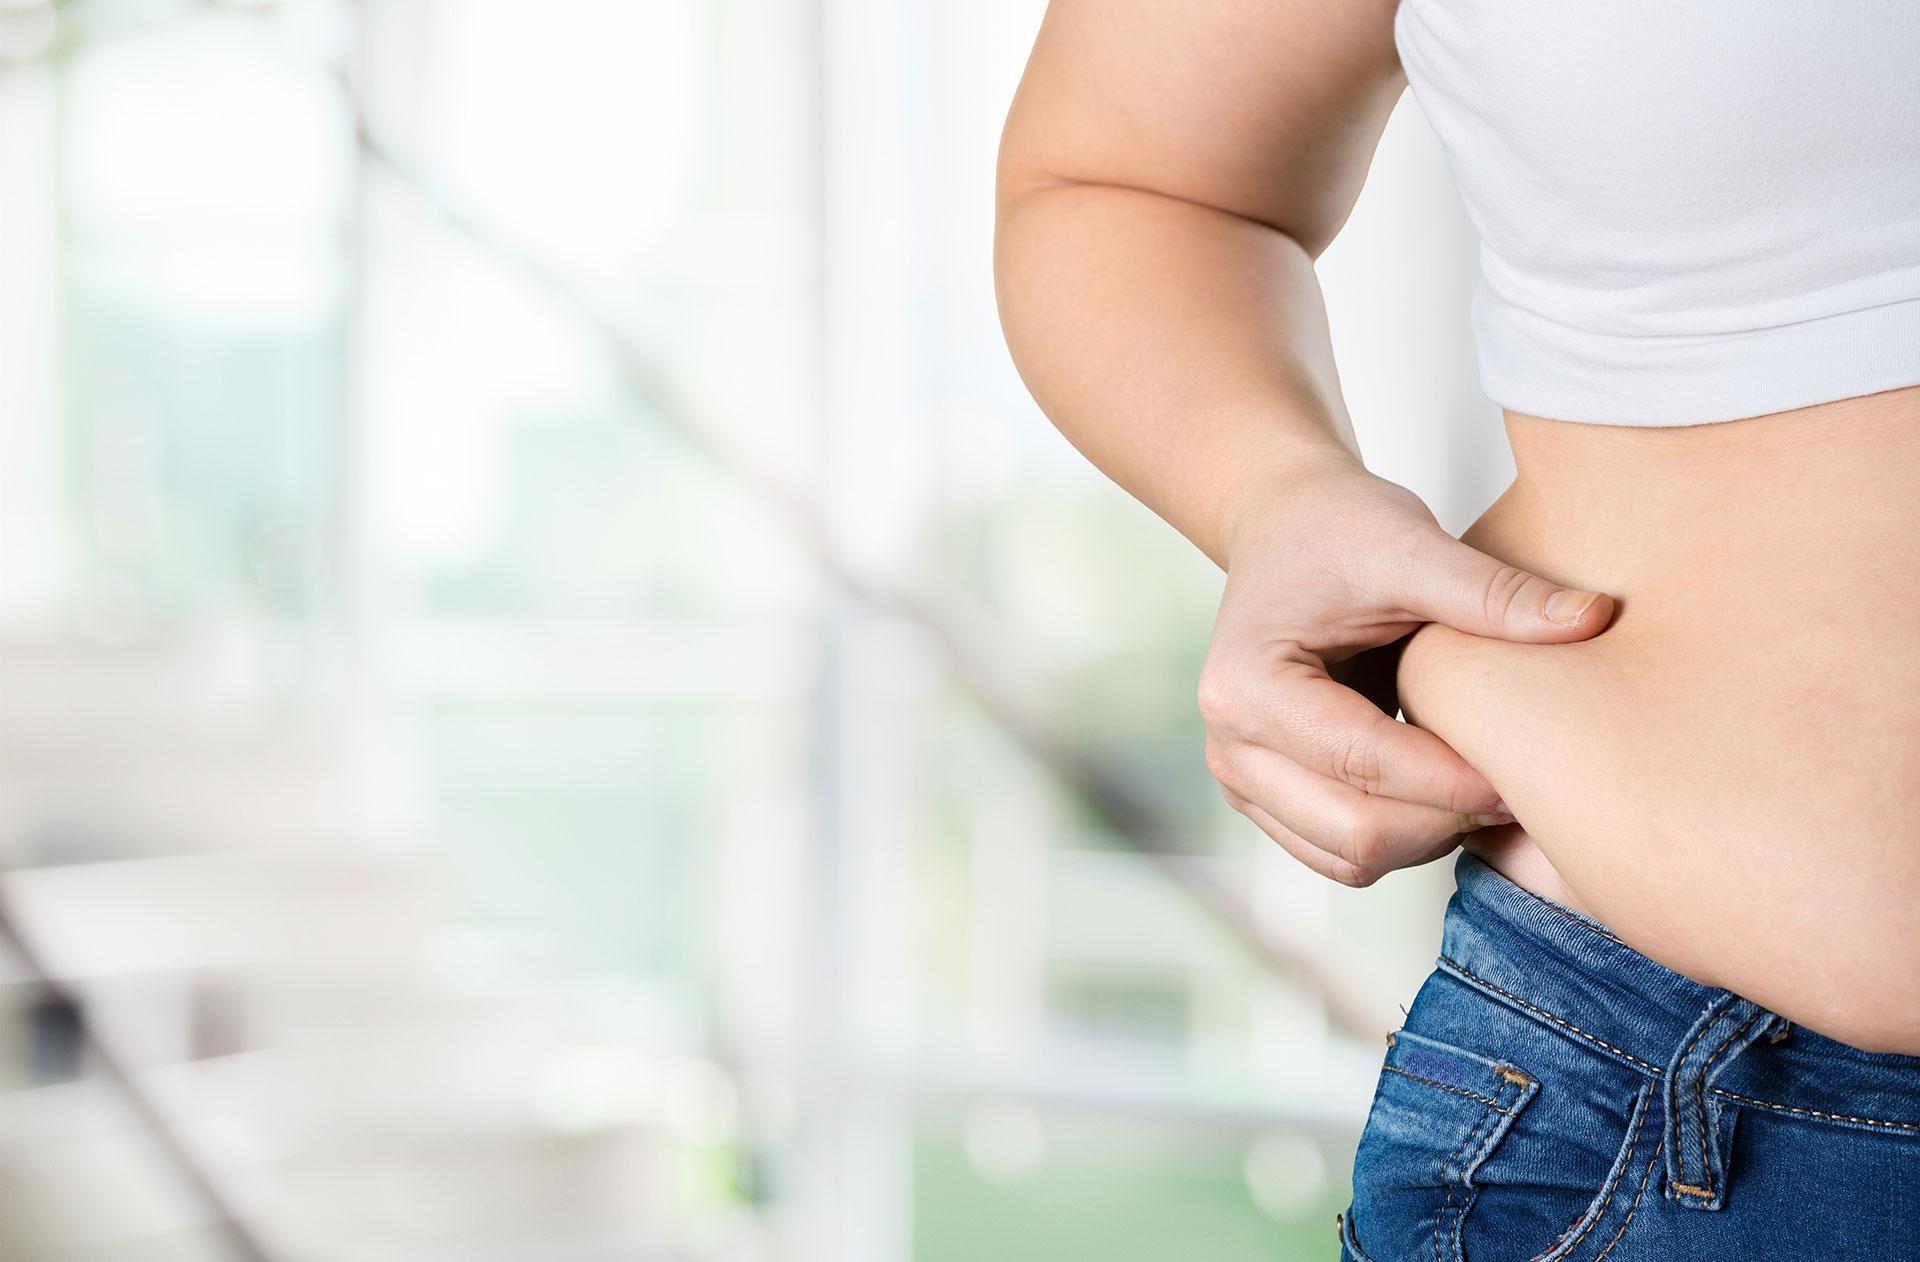 Pandemia otyłości - 1/3 z nas ma problem z nadwagą lub otyłością - Zdjęcie główne